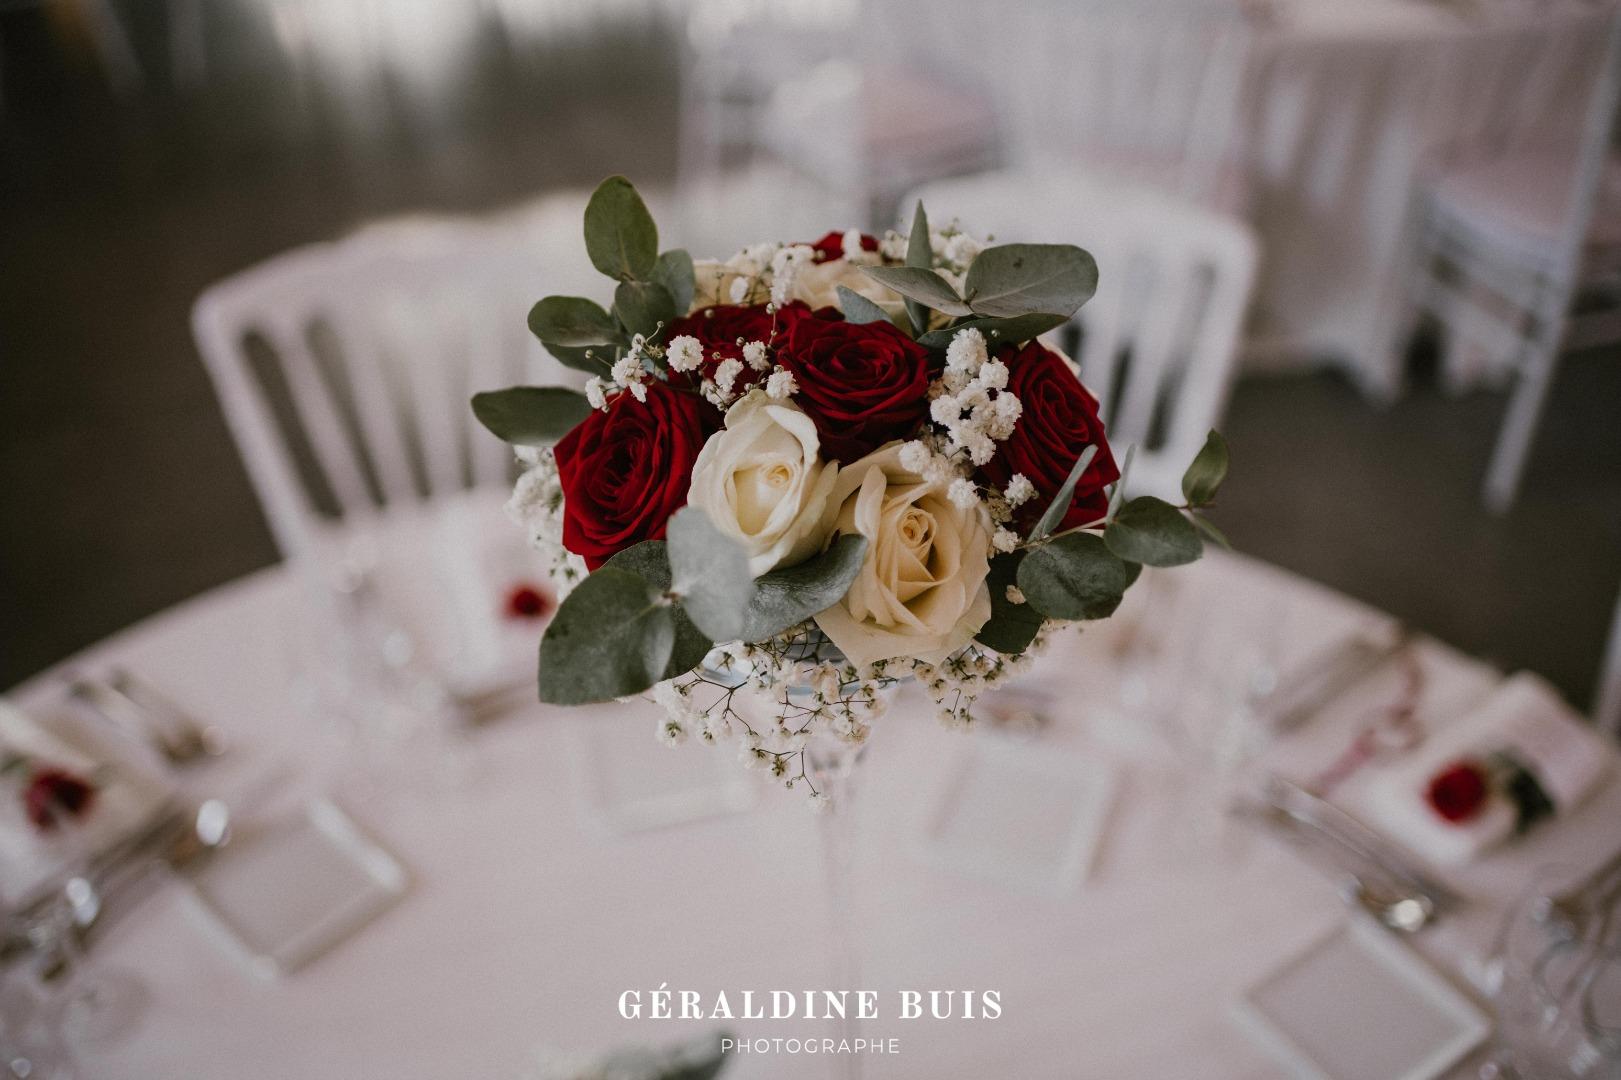 Romantique conte de flees bouquet de table La Dolce Vita Organisation Mariage Toulouse.jpg